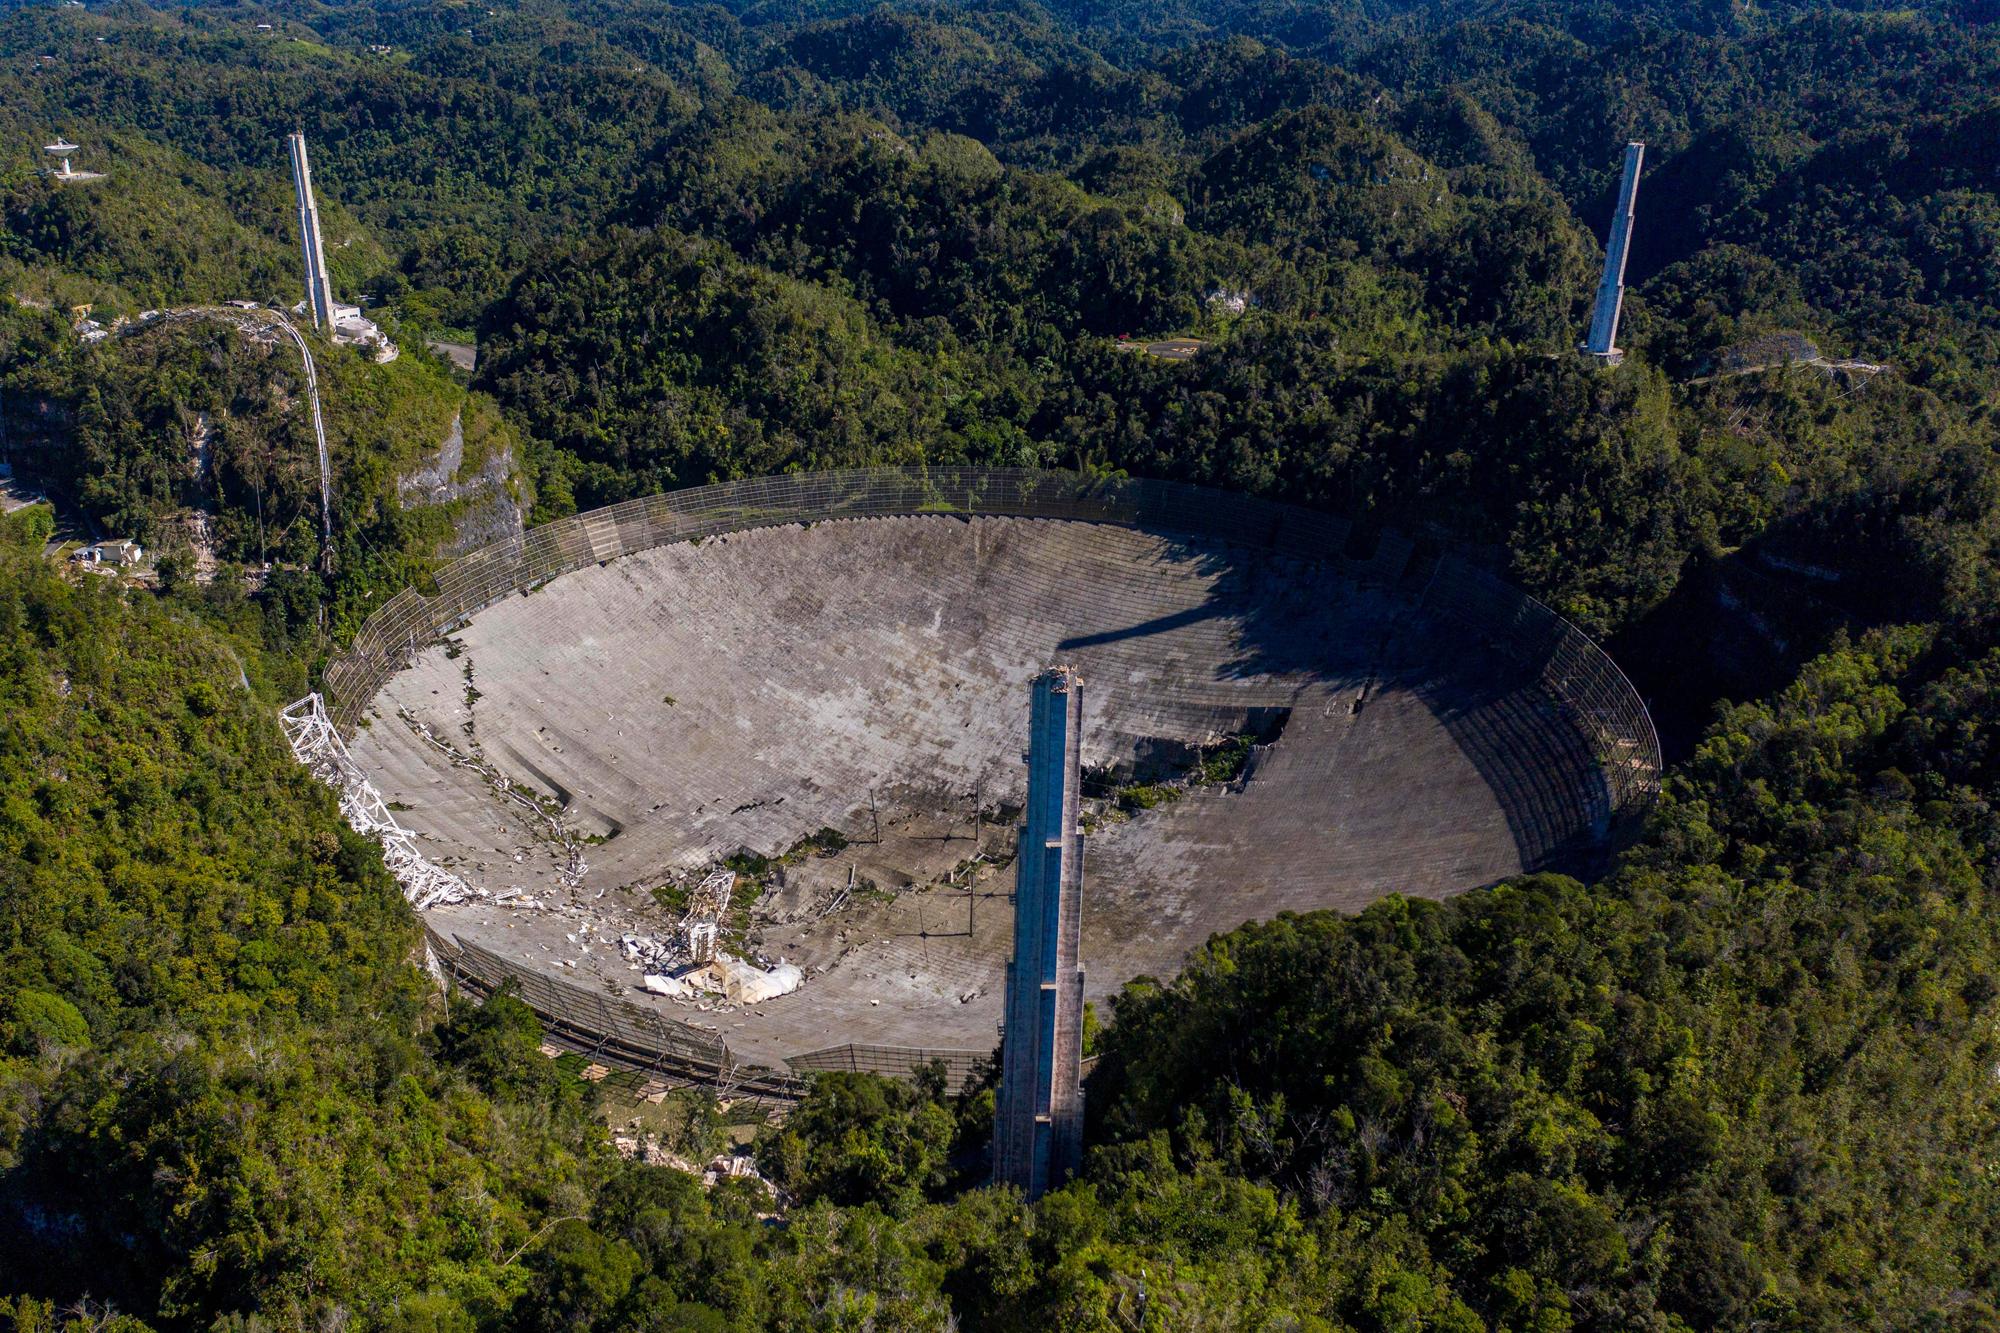 Cette vue aérienne montre les dommages à l'observatoire d'Arecibo après la rupture de l'un des principaux câbles retenant le récepteur à Arecibo, Porto Rico, le 1er décembre 2020.